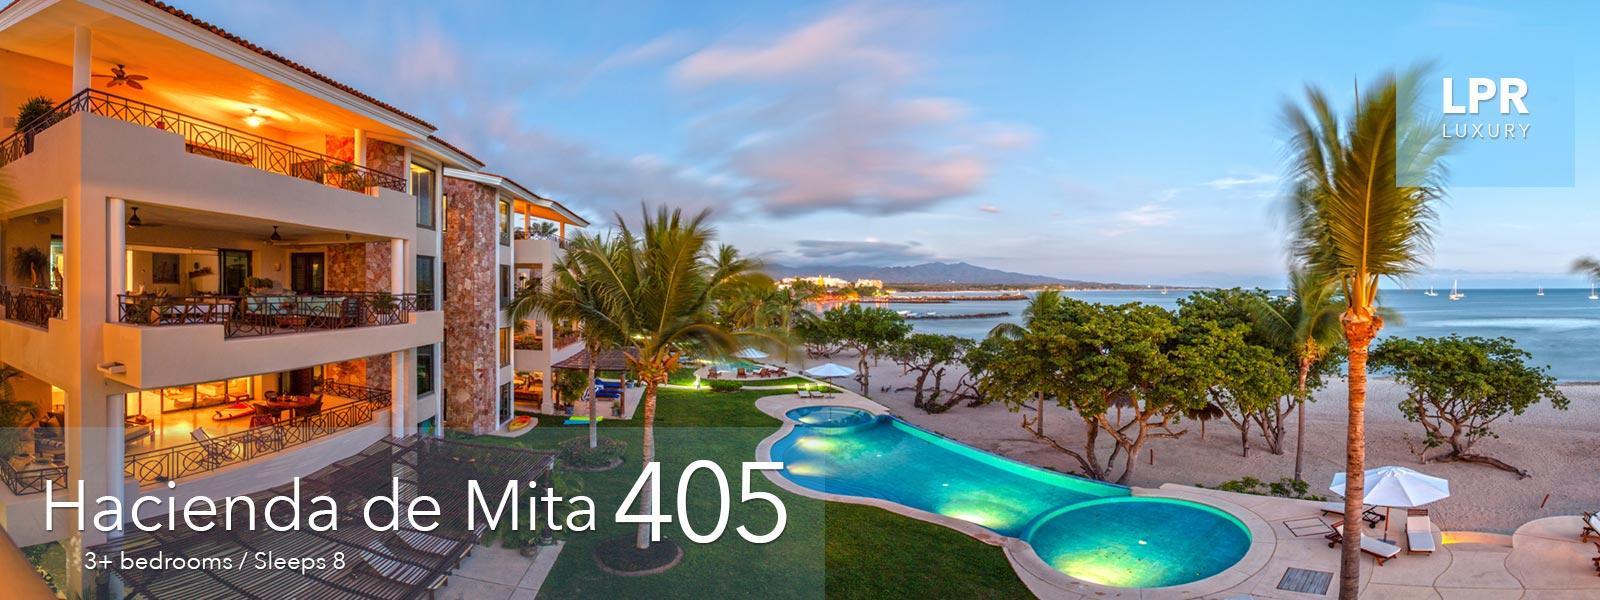 Hacienda de Mita 405 - Punta Mita, Mexico